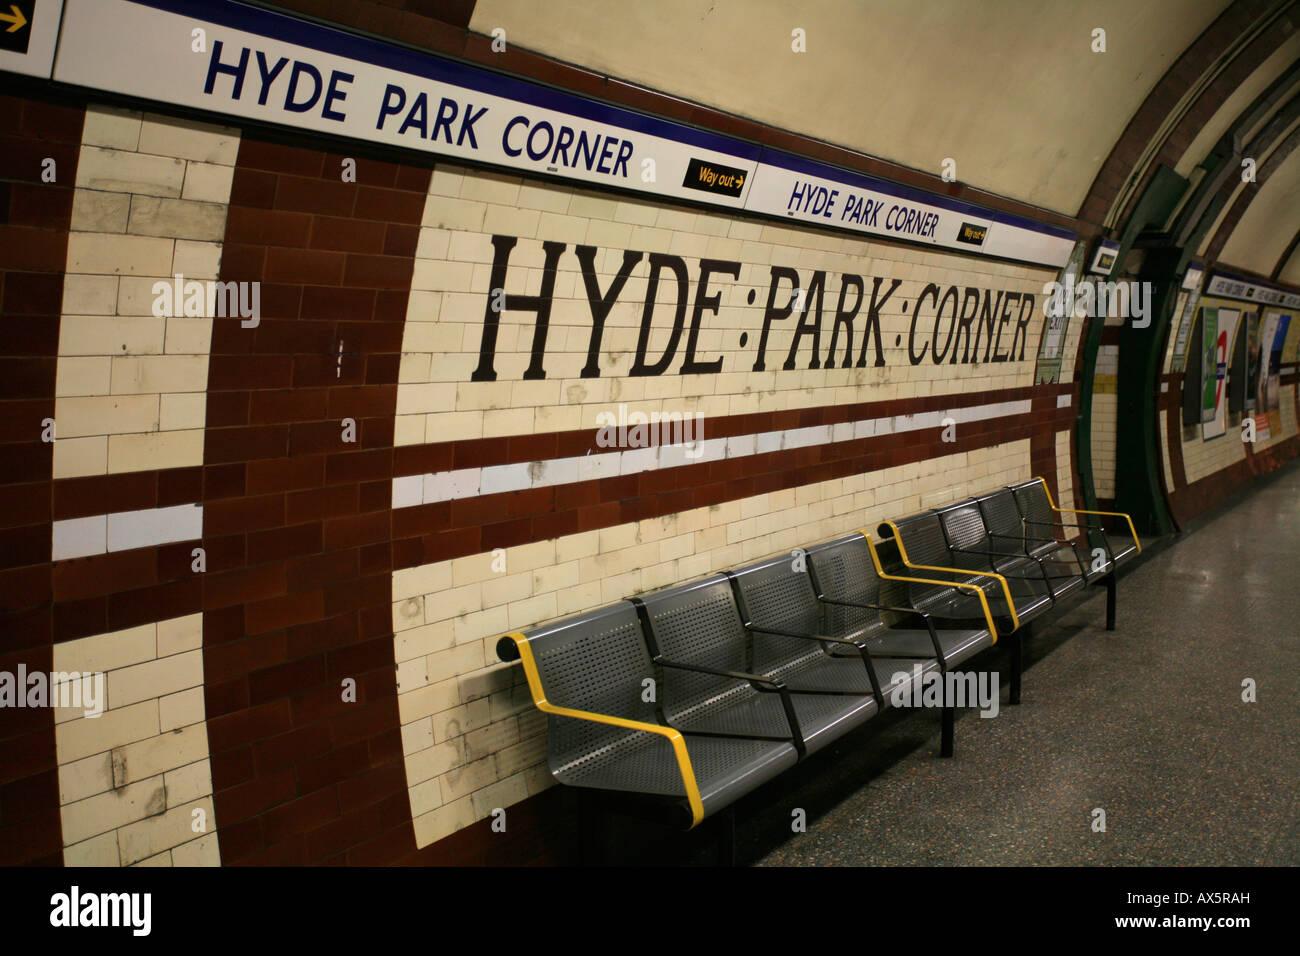 Hyde Park Corner tiles, tube sign and underground station, London, England, UK, Europe - Stock Image